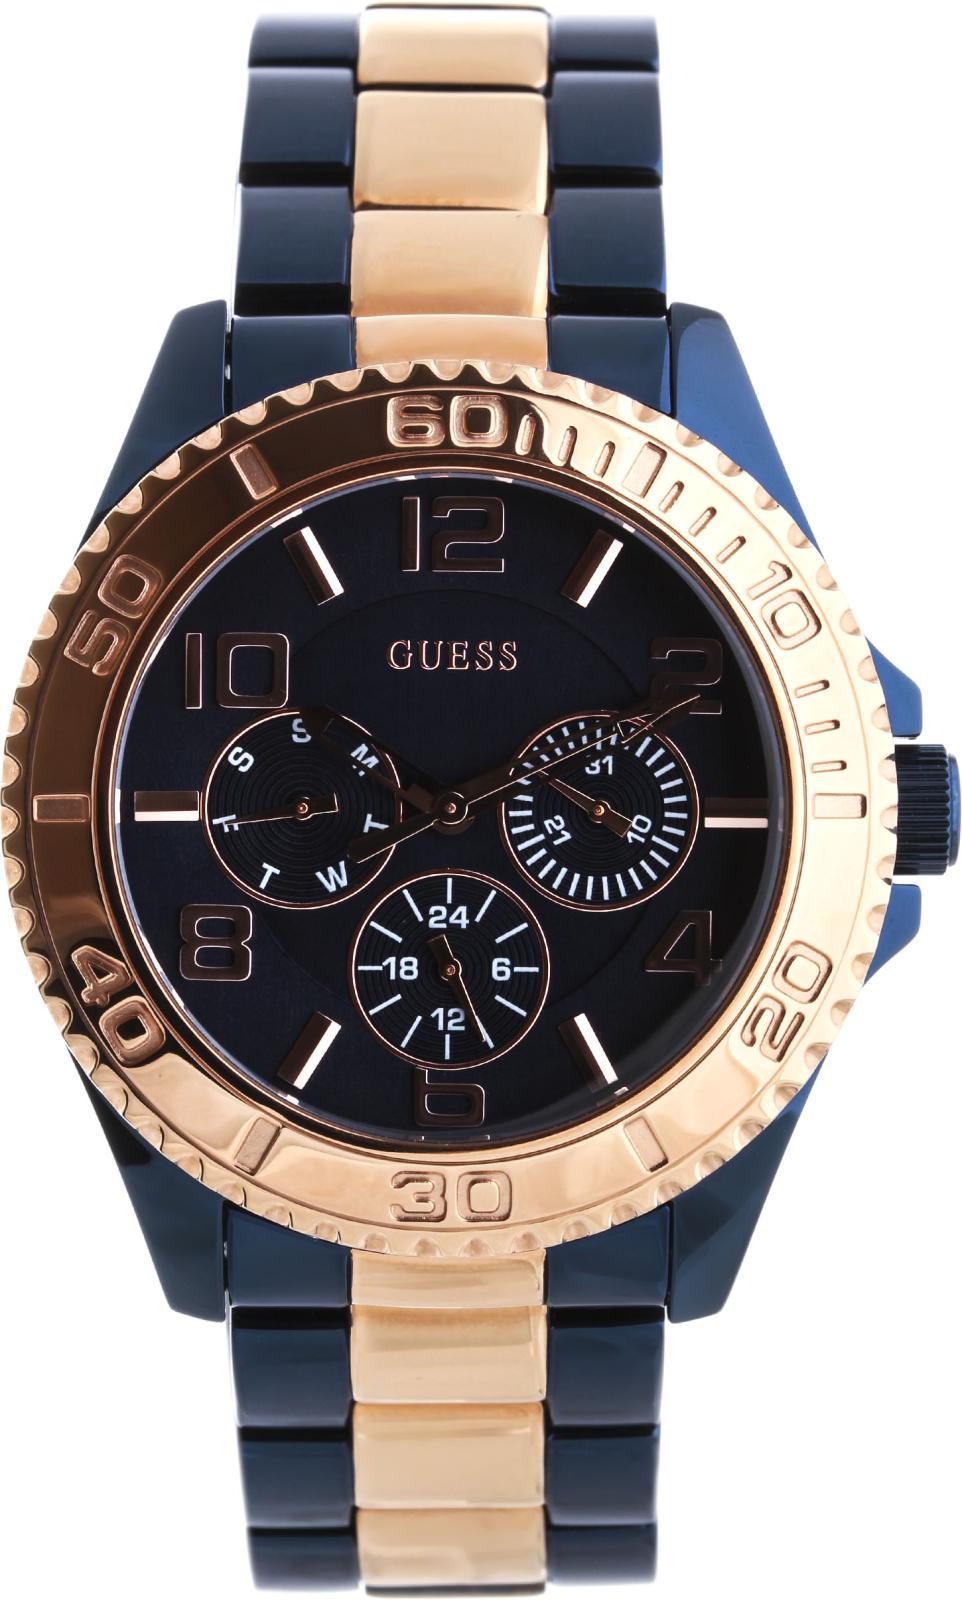 Guess BFF W0231L6Наручные часы<br>Американские часы Guess BFF W0231L6Представленная модель входит в коллекцию BFF. Это женские часы. Материал корпуса часов — сталь. В этих часах используется минеральное стекло. Водозащита - 50 м. Циферблат модели содержит часы, минуты, секунды. В этих часах используются такие усложнения как дата, день недели, . Диаметр корпуса 40мм.<br><br>Пол: Женские<br>Страна-производитель: США<br>Механизм: Кварцевый<br>Материал корпуса: Сталь<br>Материал ремня/браслета: Сталь<br>Водозащита, диапазон: 20 - 100 м<br>Стекло: Минеральное<br>Толщина корпуса: 12 мм<br>Стиль: Классика